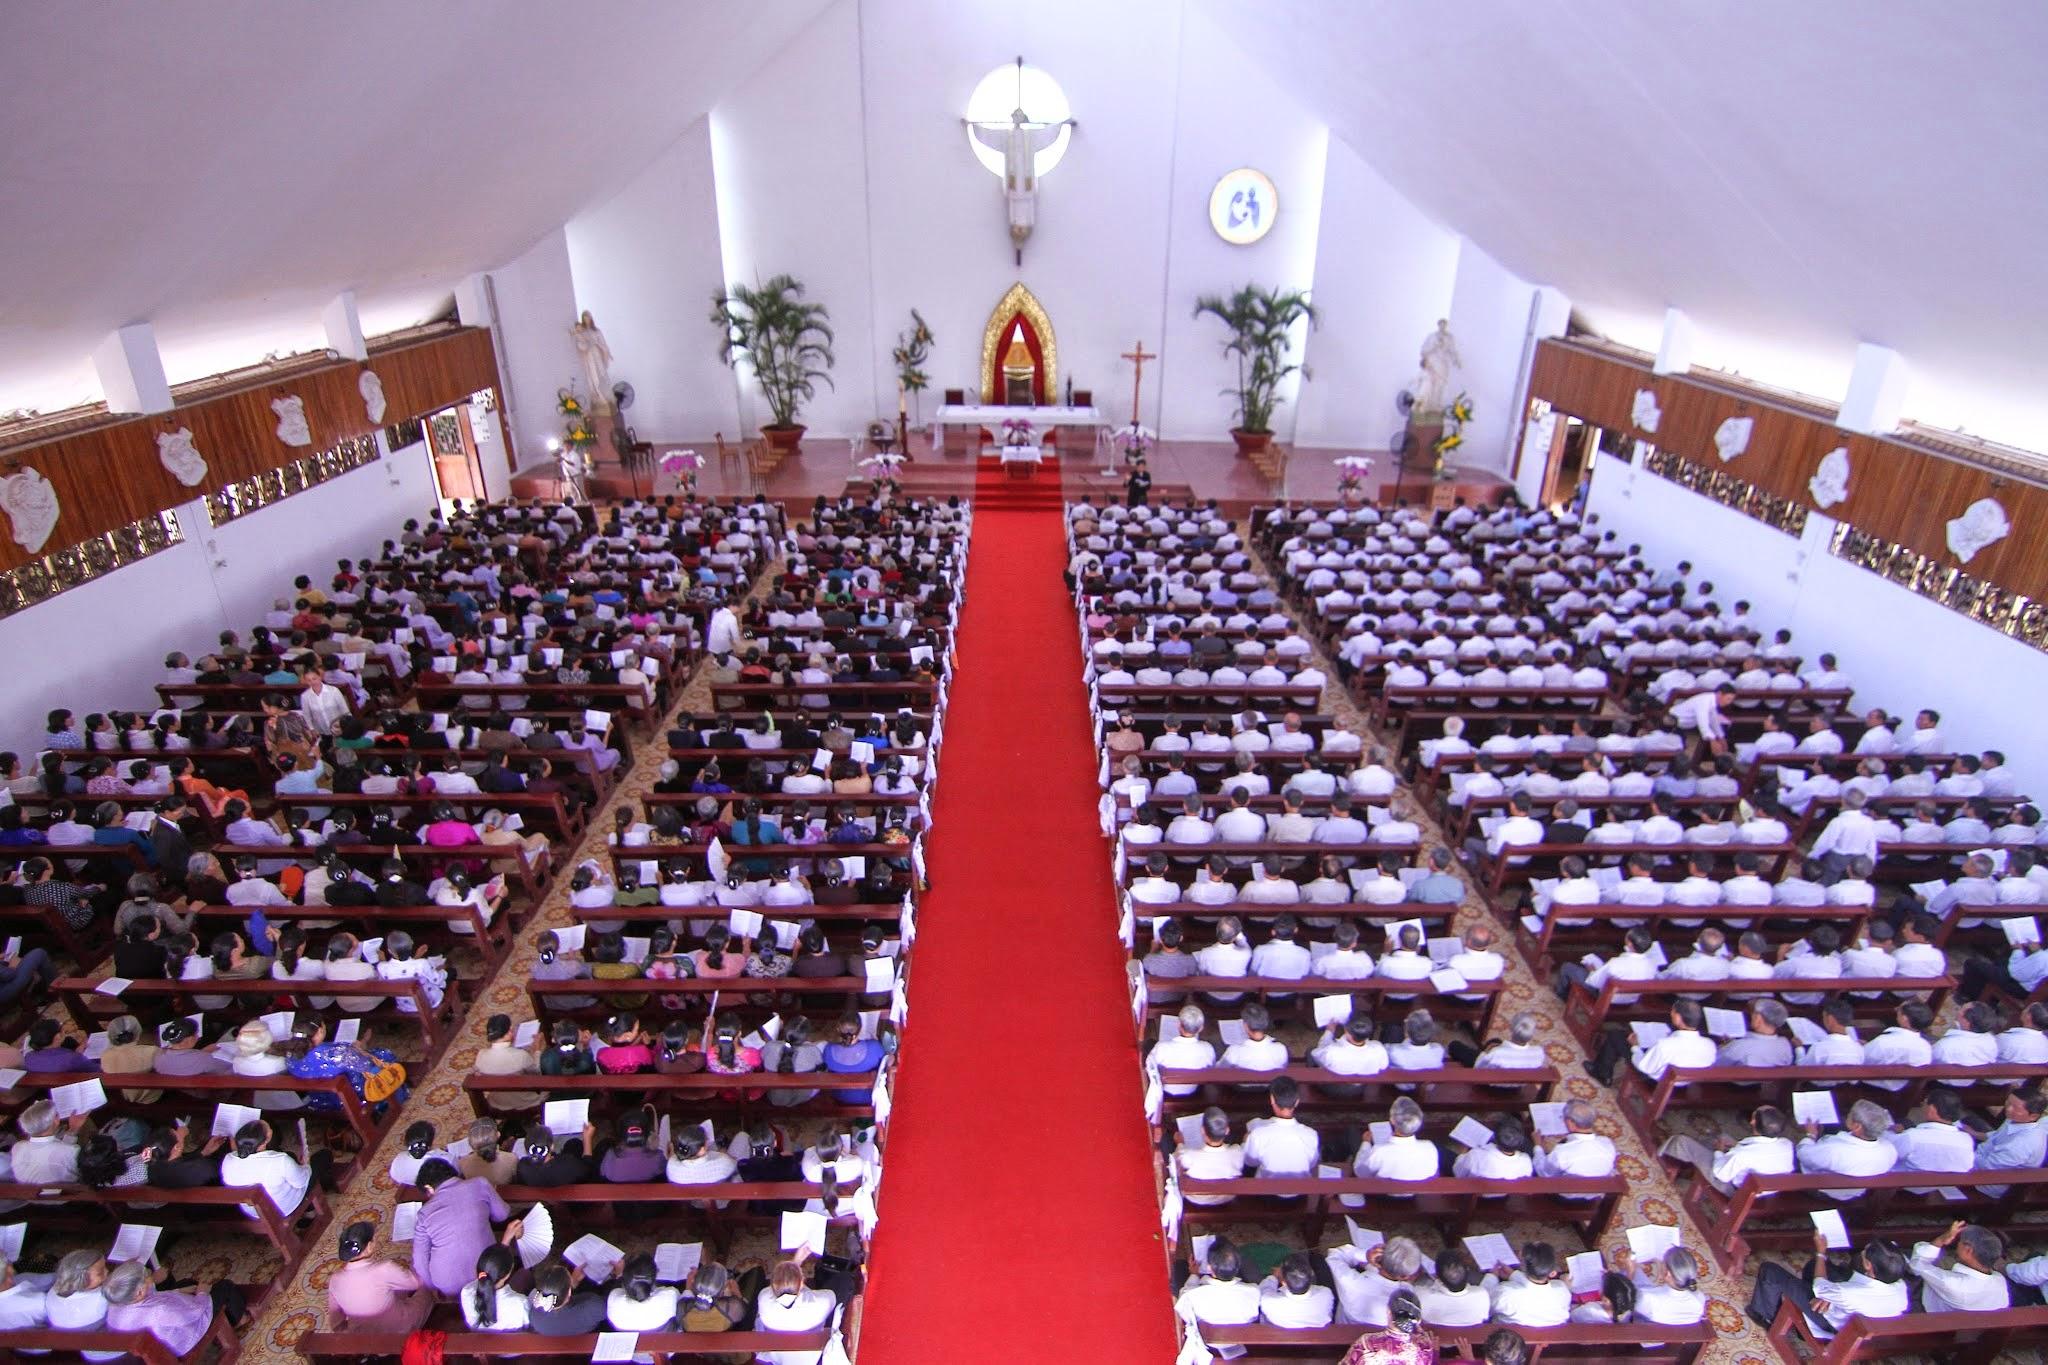 Lễ Chúa Chiên Lành 2014 – Ngày họp mặt quý Ông Bà Cố quý Linh mục và Tu sĩ giáo phận Bà Rịa